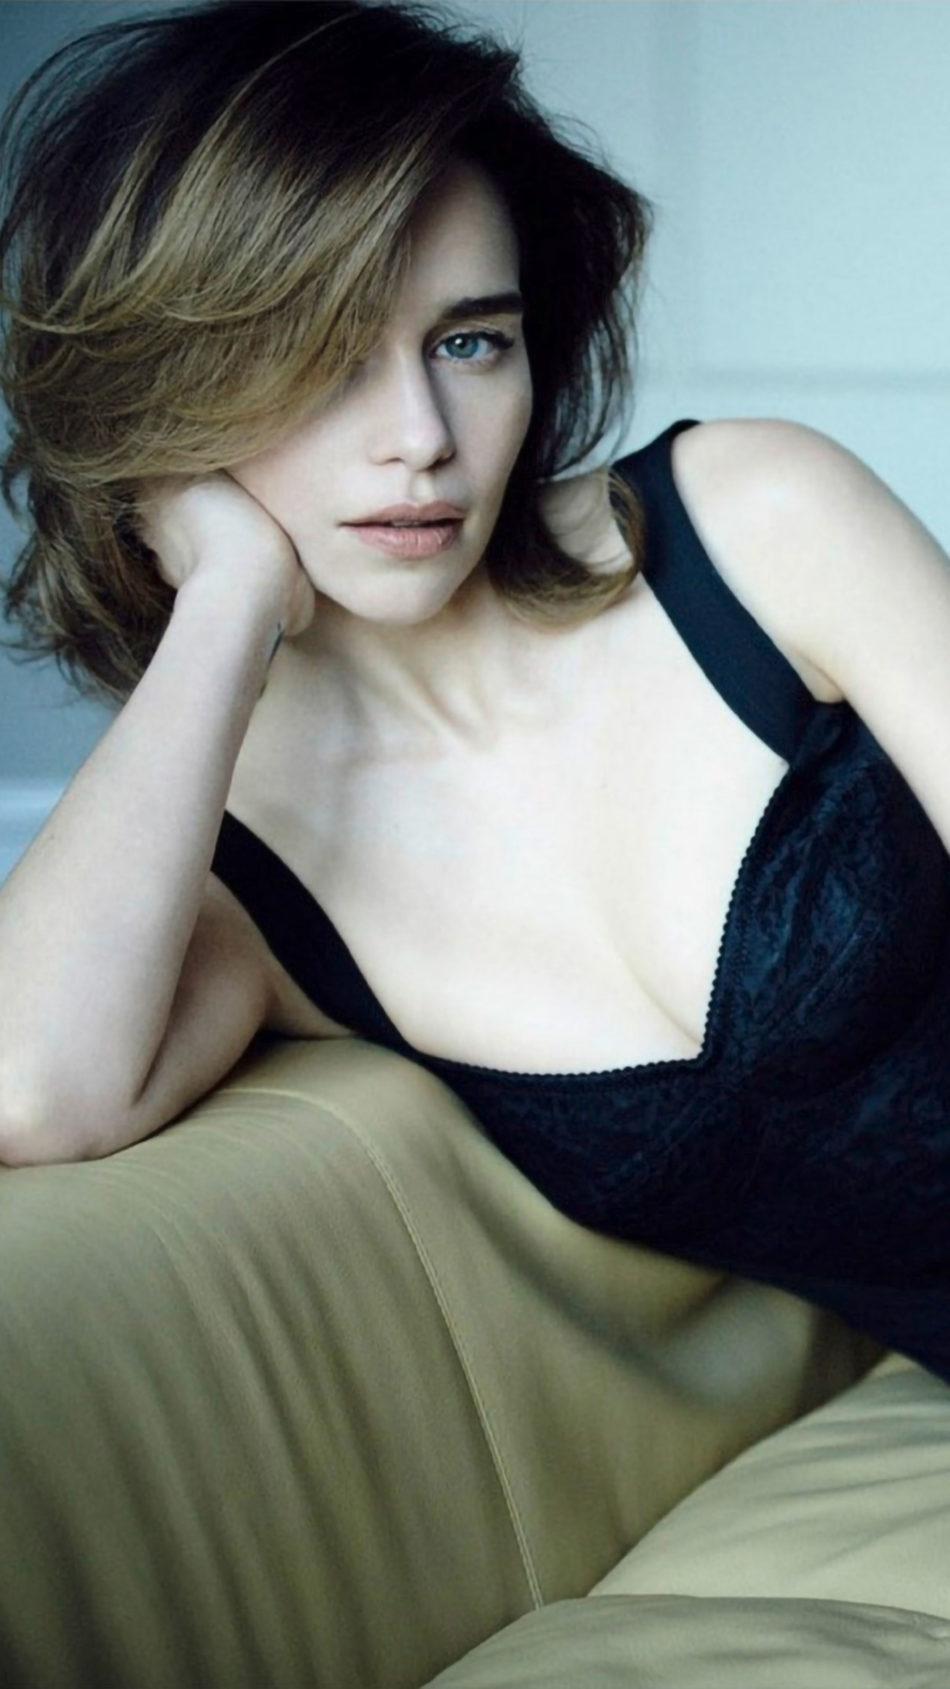 Emilia Clarke In Black Dress Photoshoot 4K Ultra HD Mobile Wallpaper